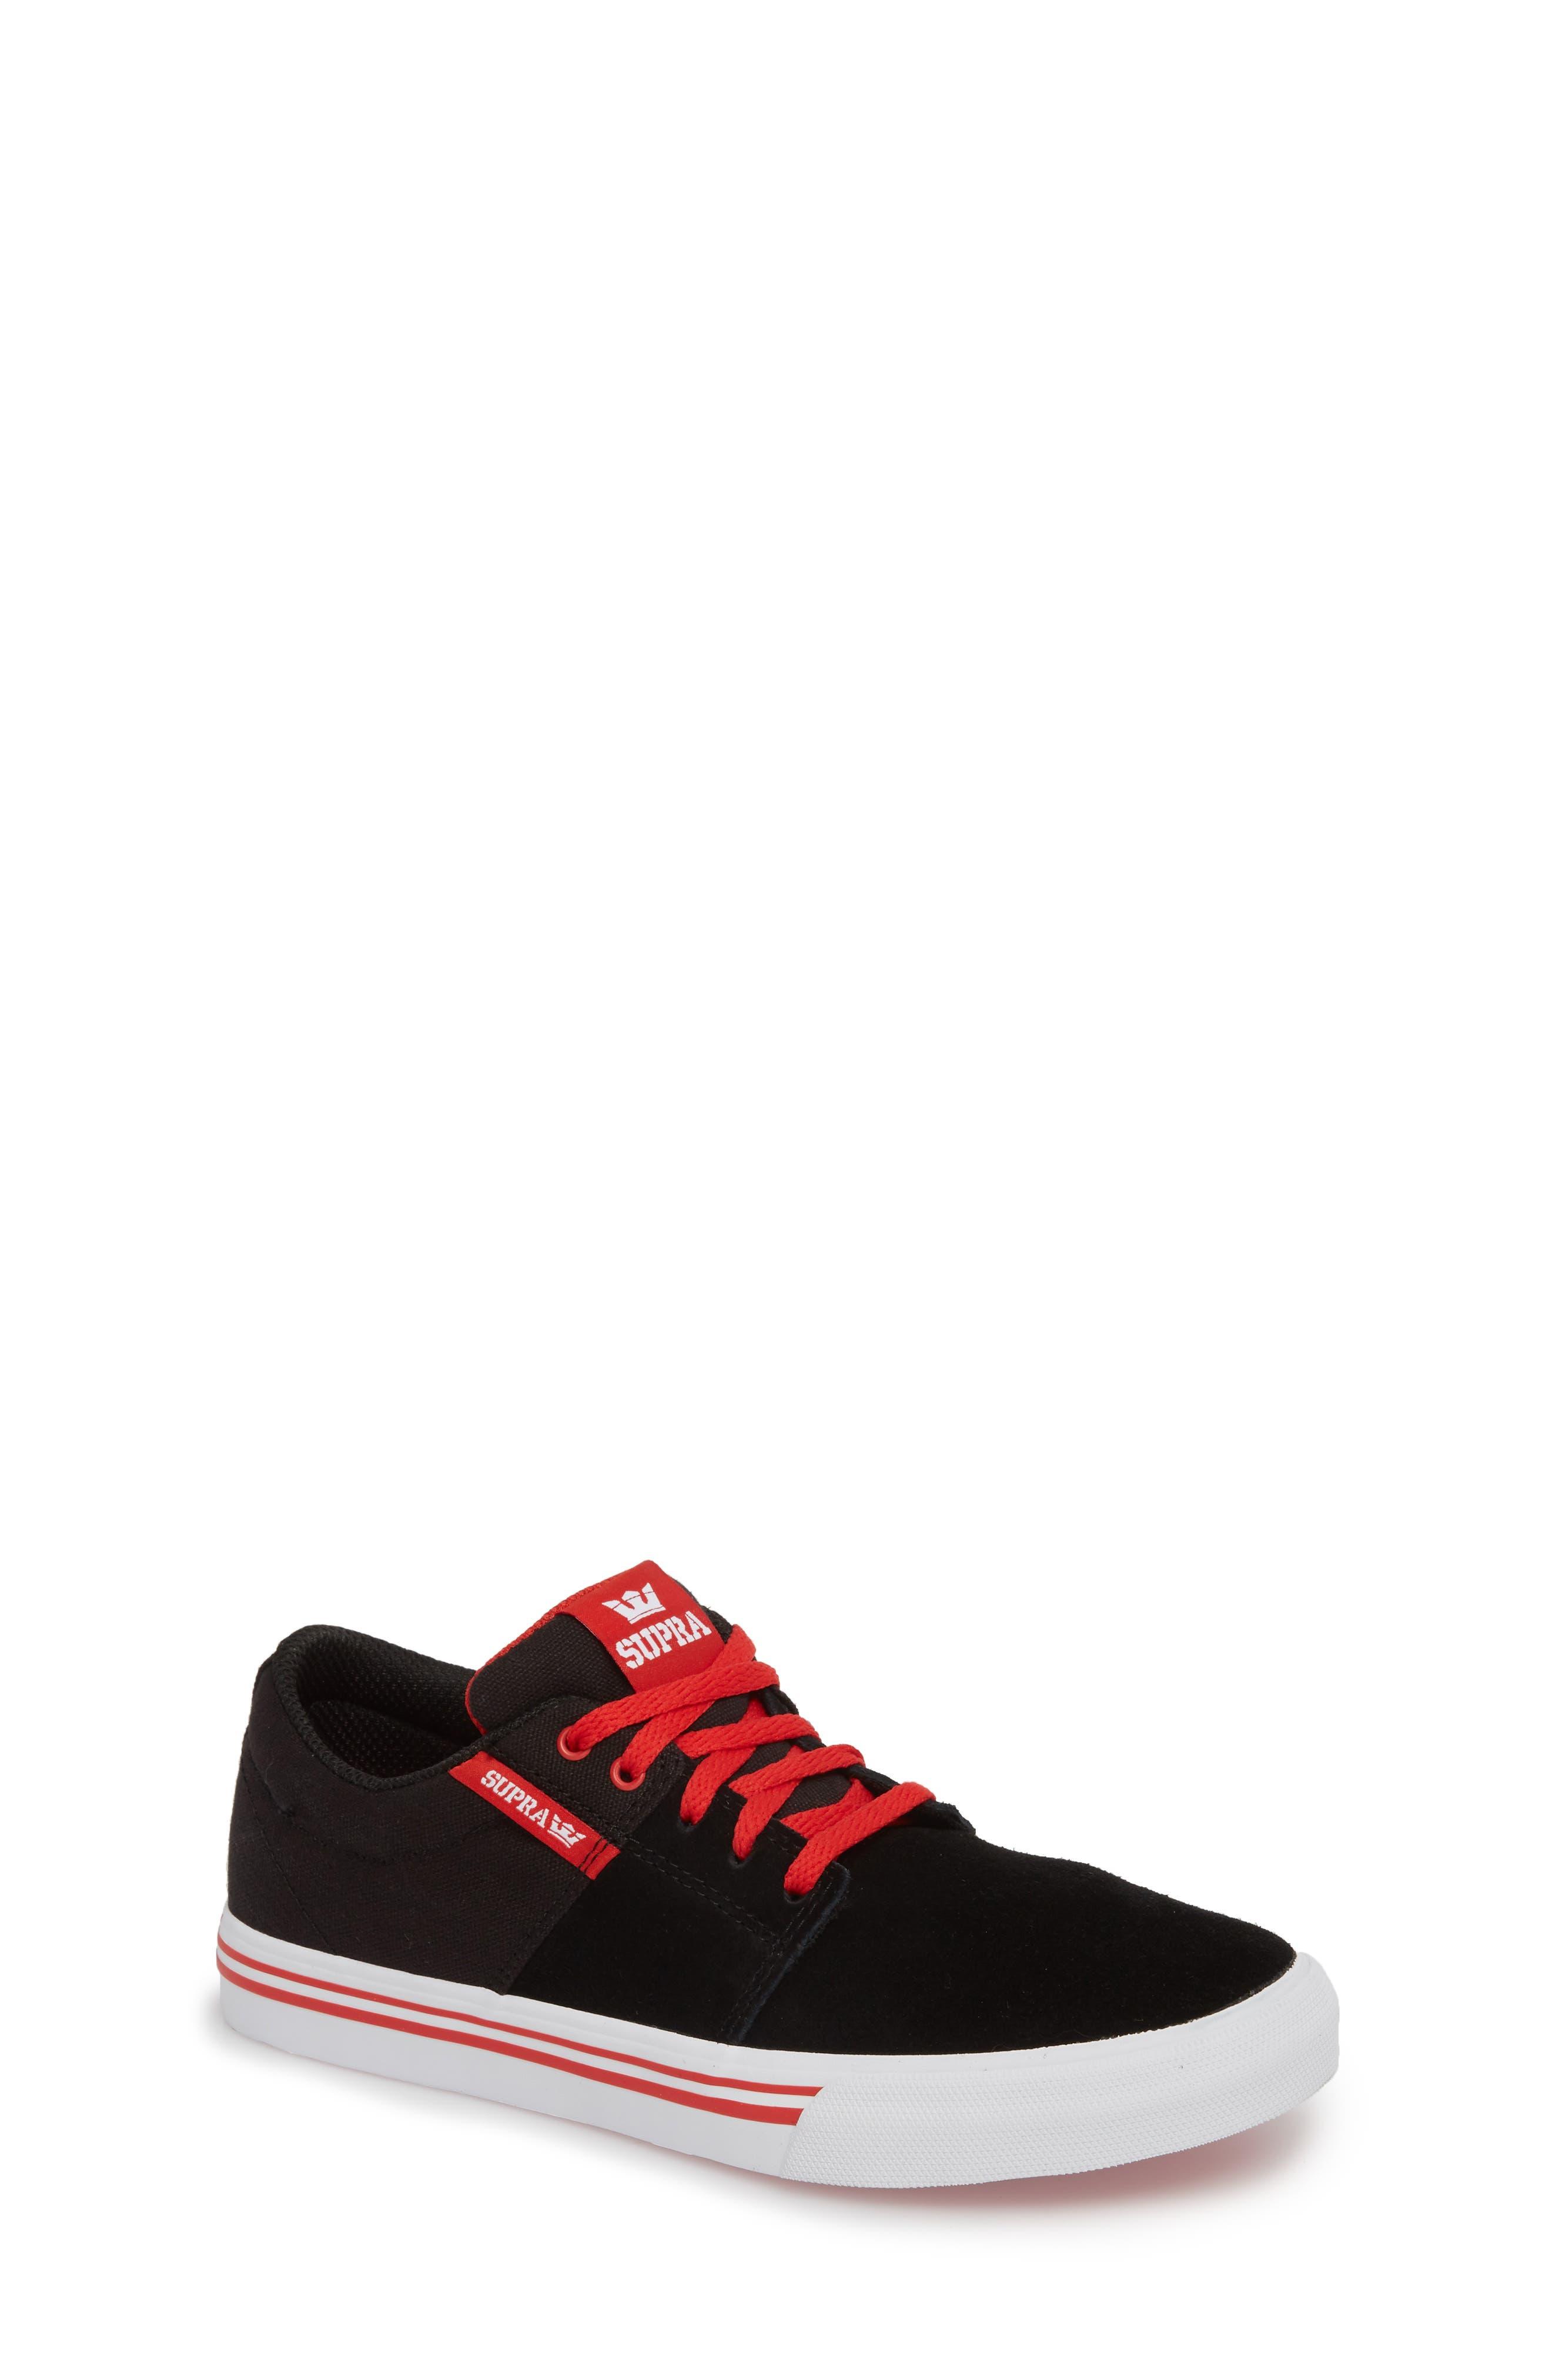 'Stacks Vulc II' Low Top Sneaker,                         Main,                         color, 002